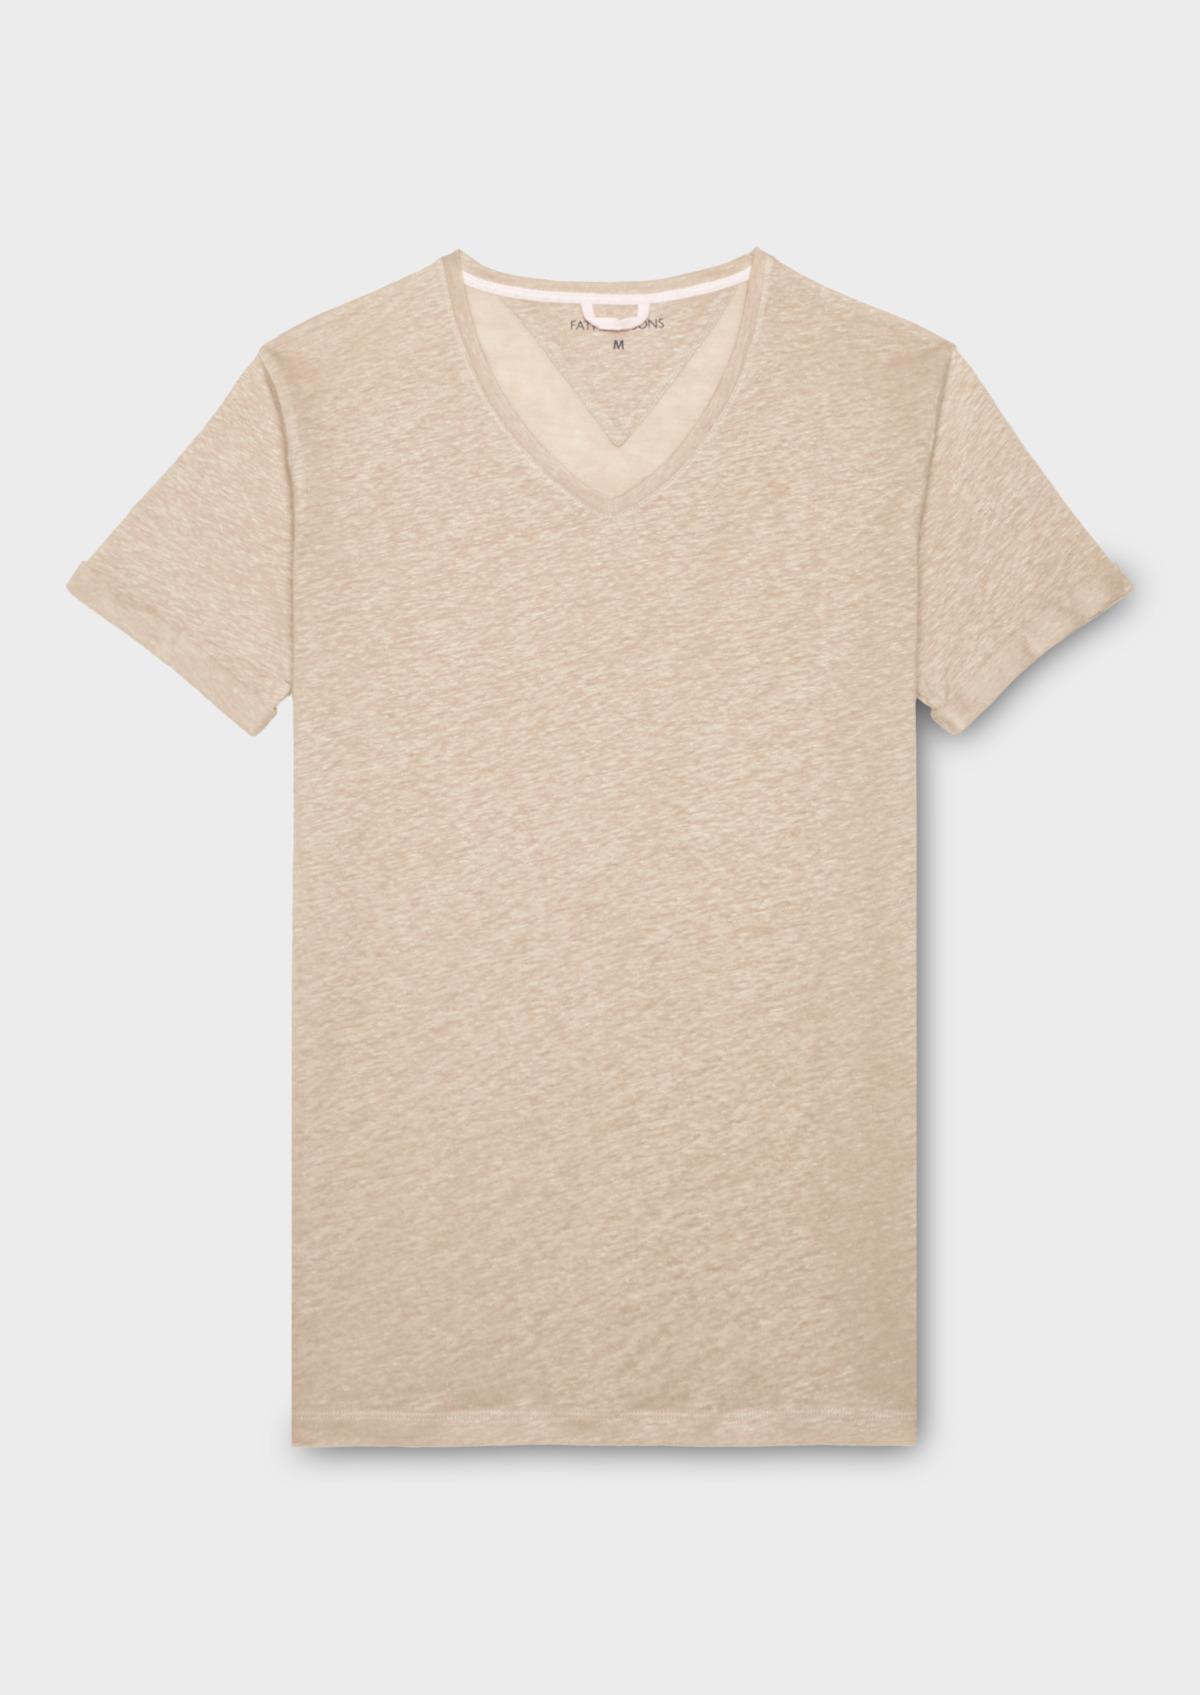 c4627feb6 Tee-shirt manches courtes en lin col V beige